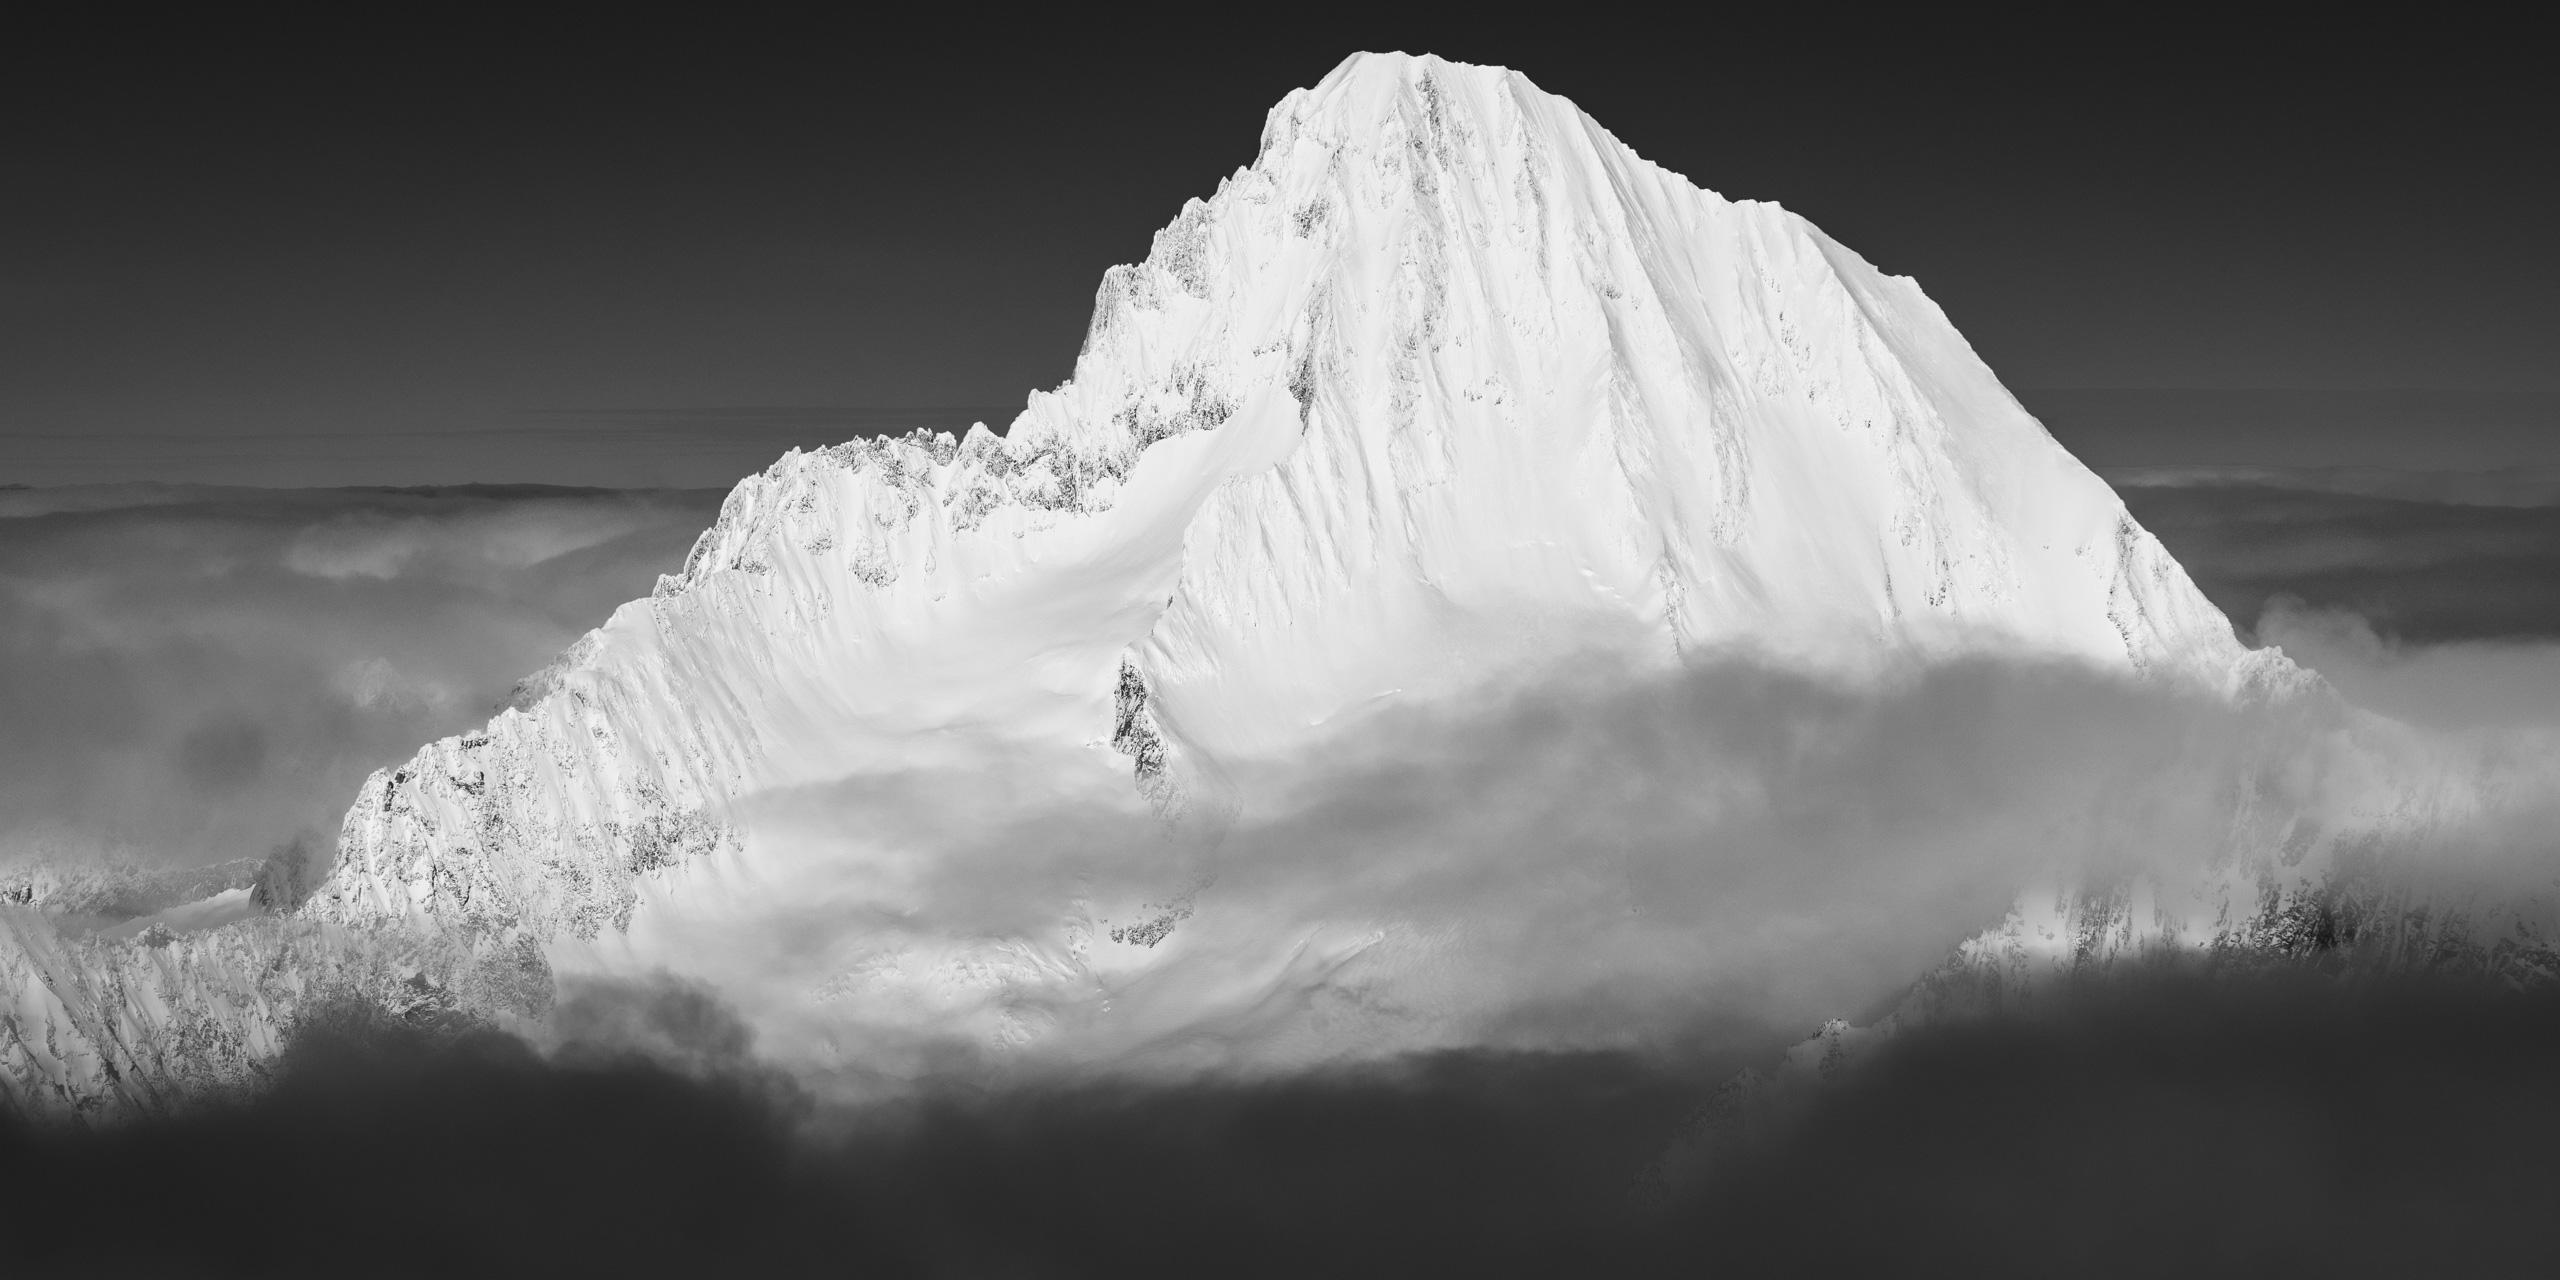 Photo de montagne noir et blanc - Bietschhorn sommet du valais avec neige